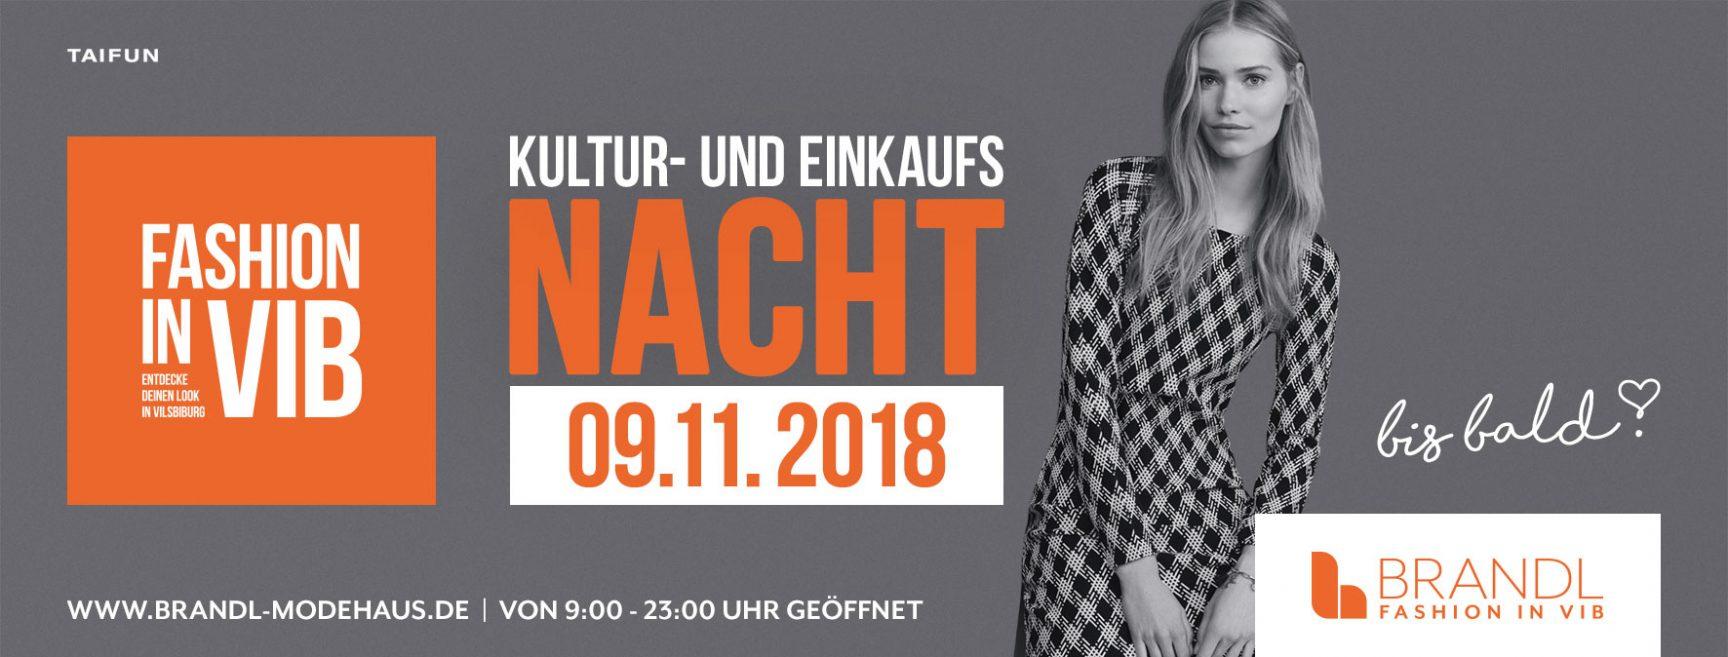 Brandl_Kultur_und_Einkaufsnacht_1772x674_01_WEB